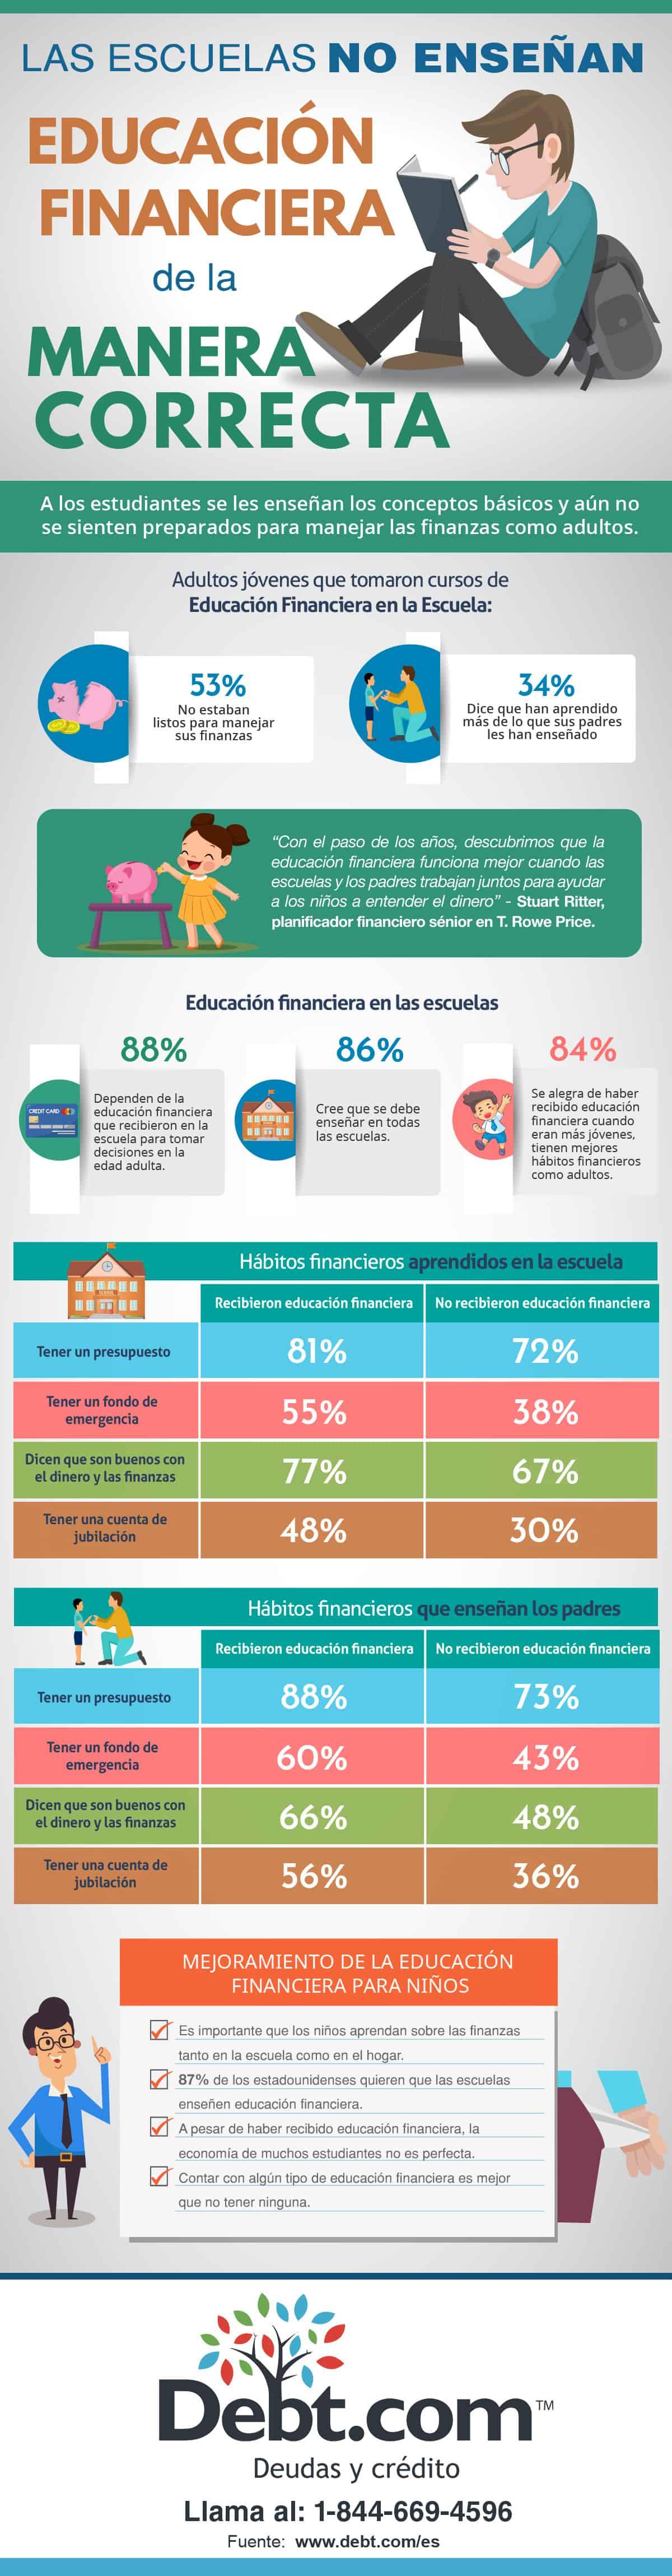 Infografía sobre las escuelas y la educación financiera